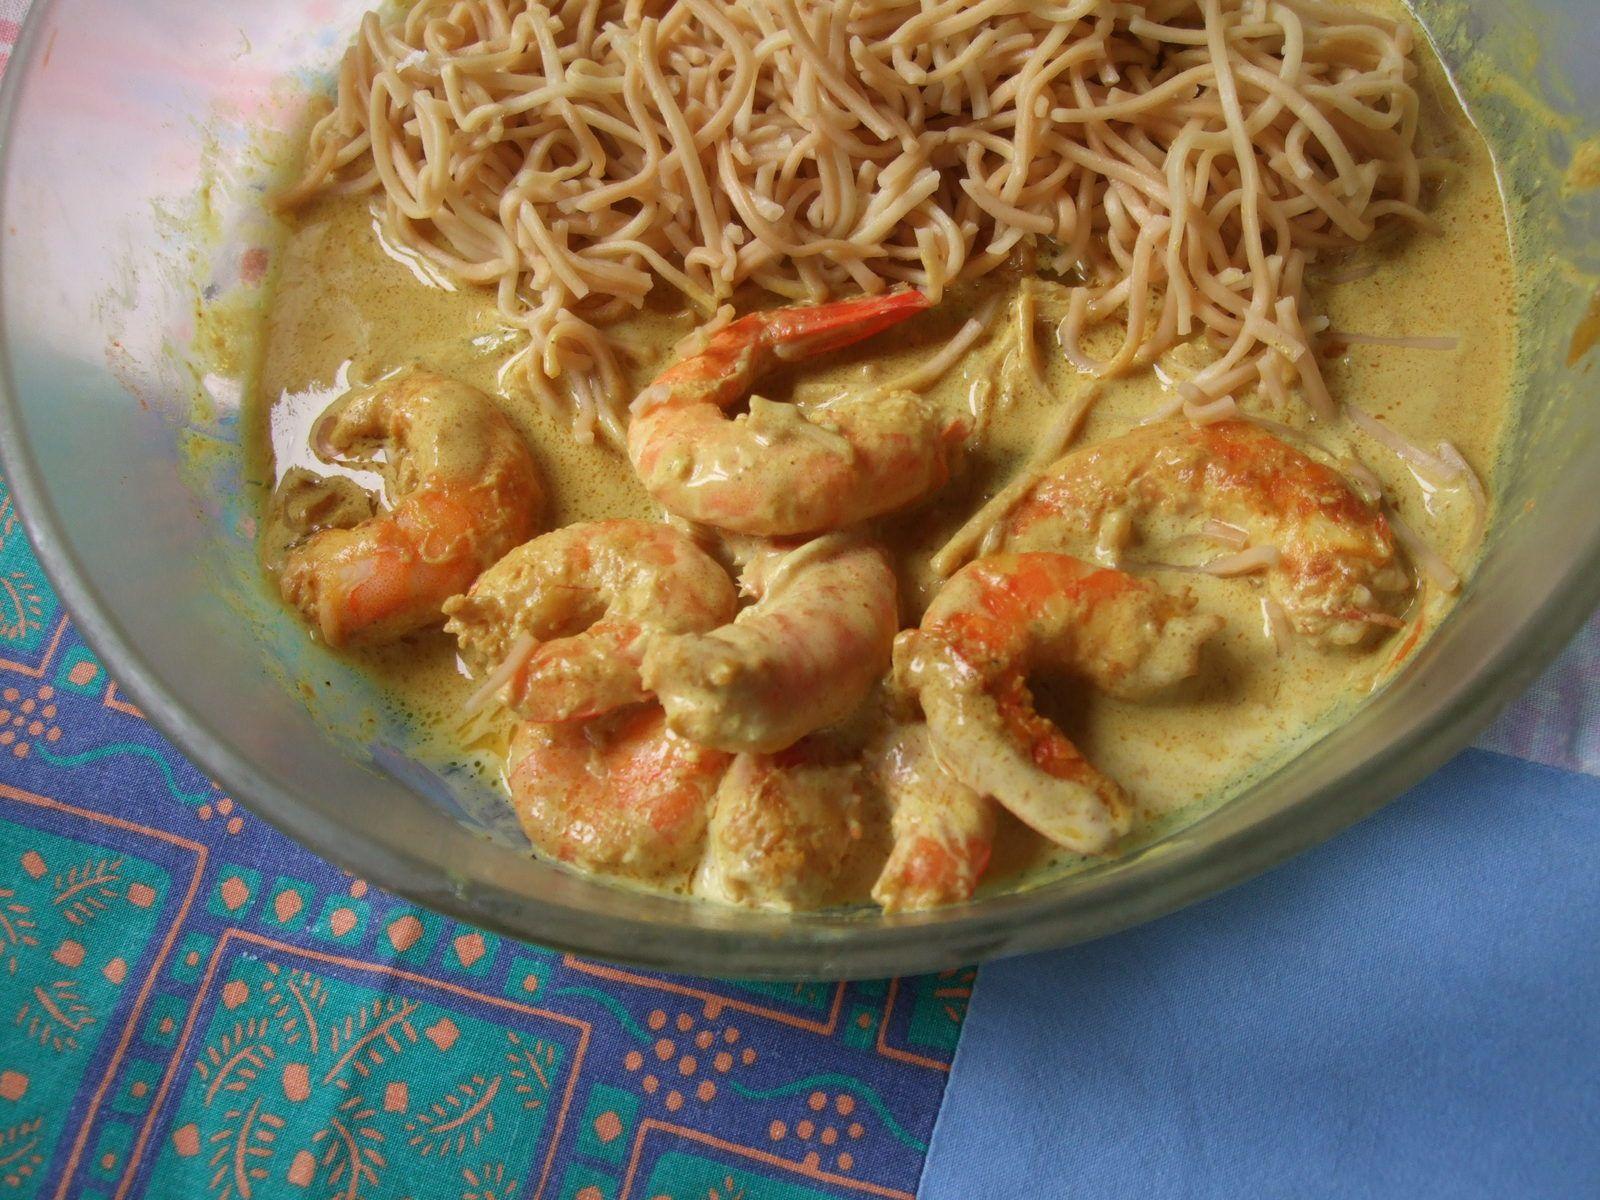 Crevettes sauce Satay pour un Tour en Cuisine